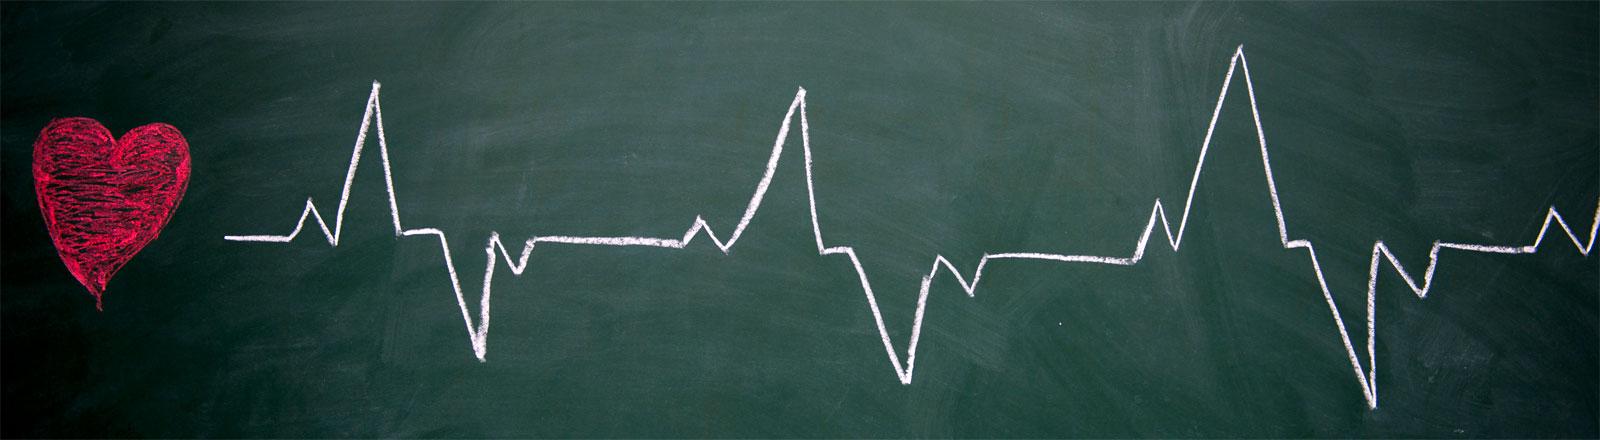 Ein Herz und eine Sinuskurve aus Kreide an einer grünen Schultafel.